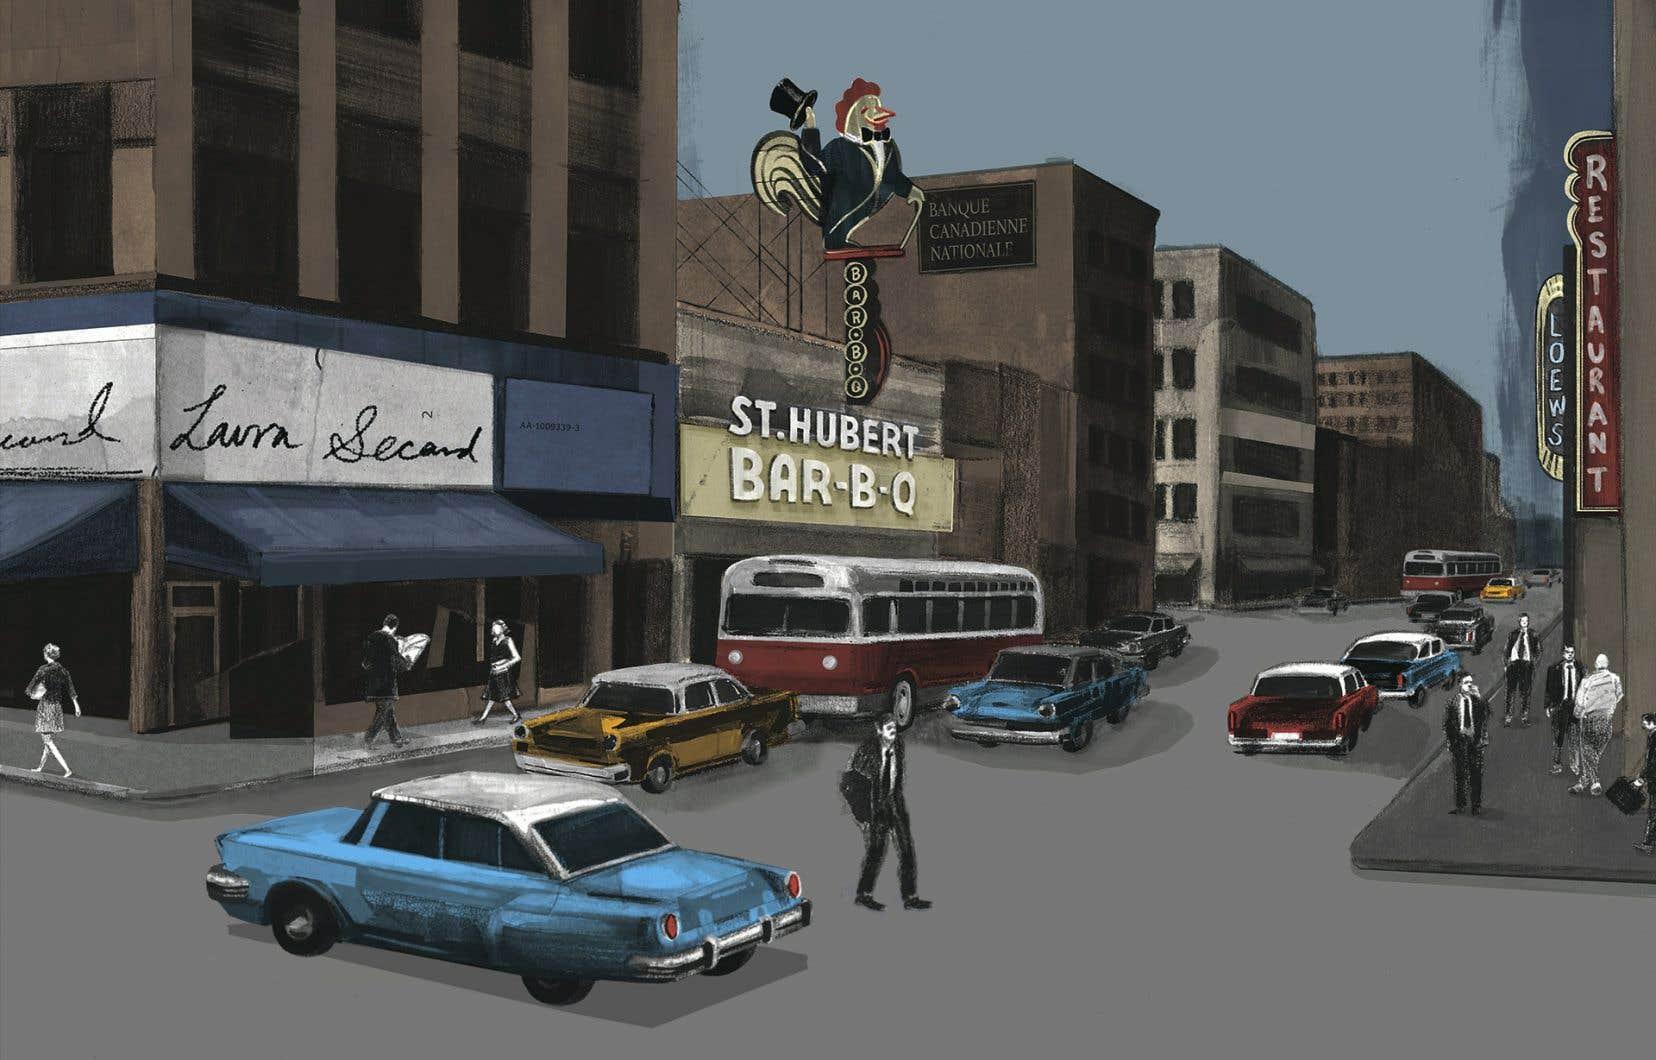 «Hockey noir» est dans une certaine mesure la continuation de l'«opéra bande dessinée» «Les aventures de Madame Merveille», créé par l'ECM + en 2011.